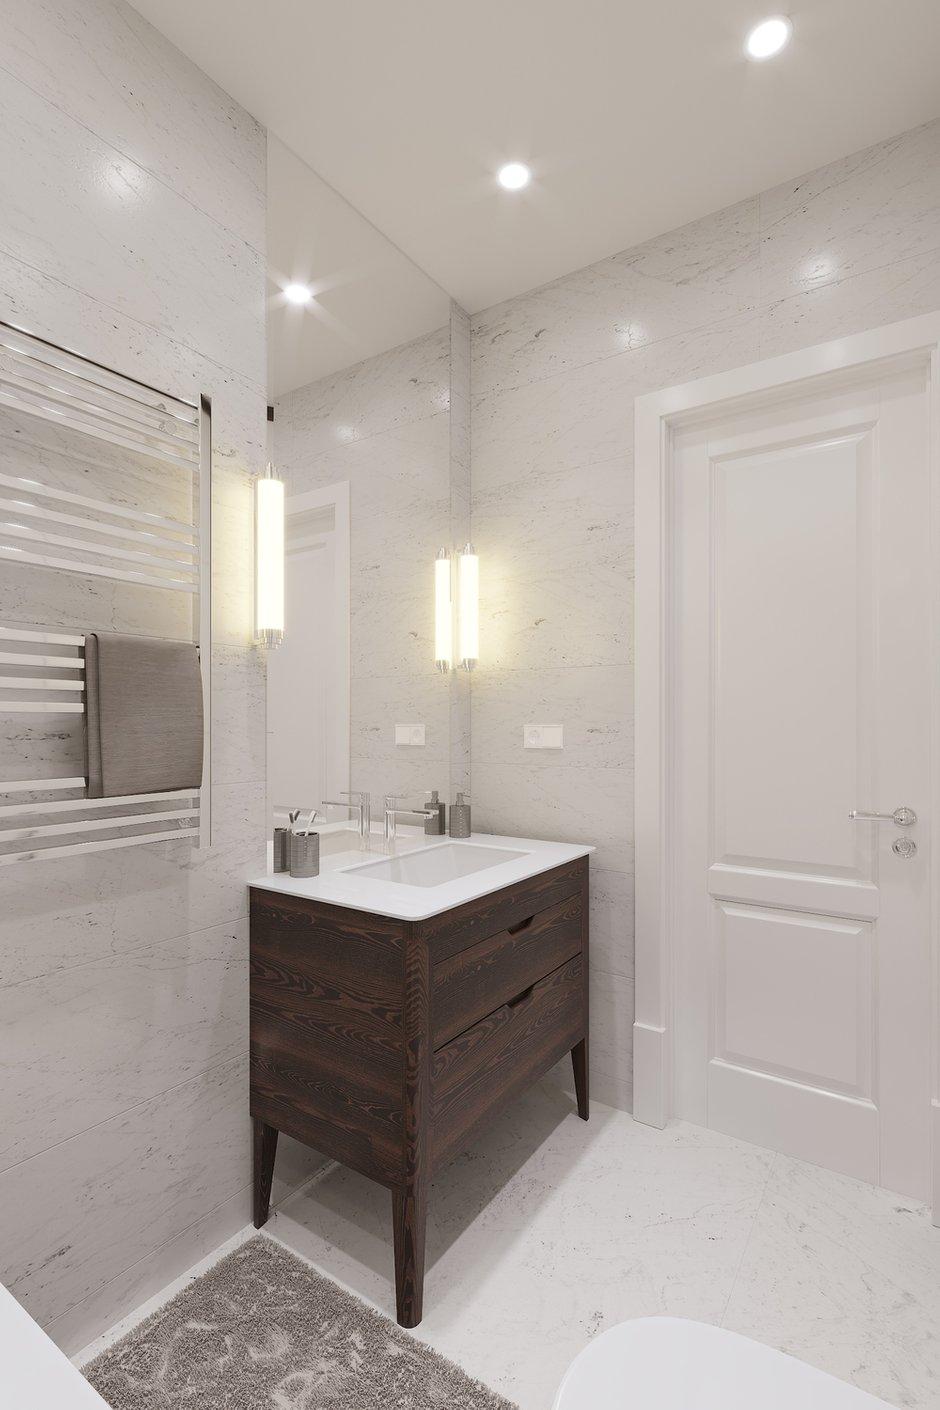 Фотография: Ванная в стиле Современный, Квартира, Проект недели, Санкт-Петербург, Монолитный дом, 3 комнаты, Более 90 метров, Эльжбета Чегарова – фото на INMYROOM